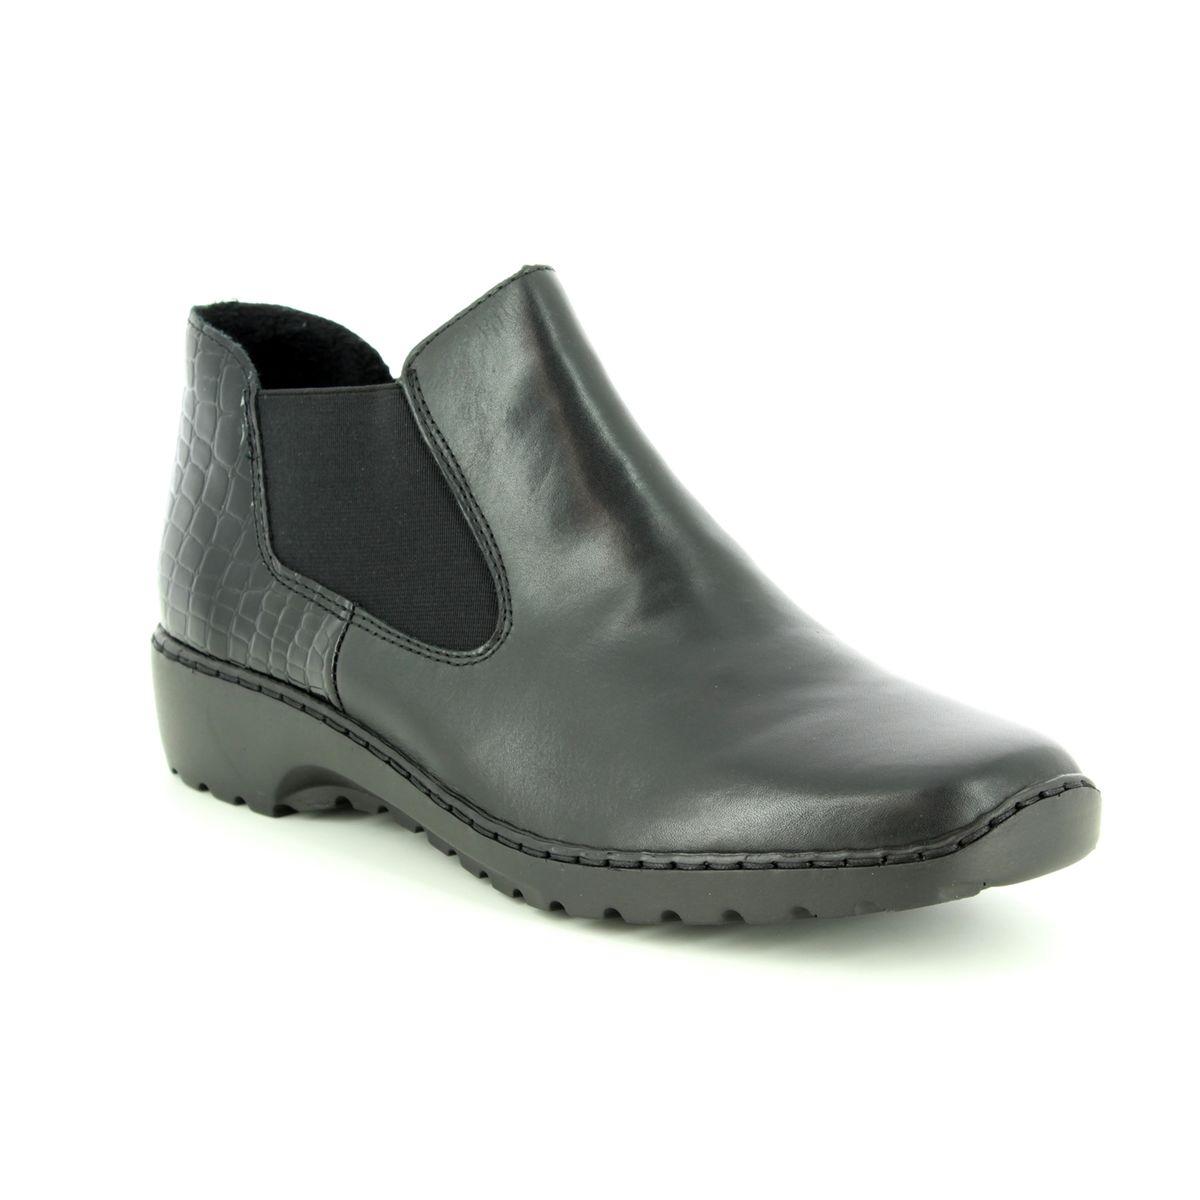 9db7cada97f rieker-l6090-02-black-ankle-boots-1531237533-930609002-01.jpg